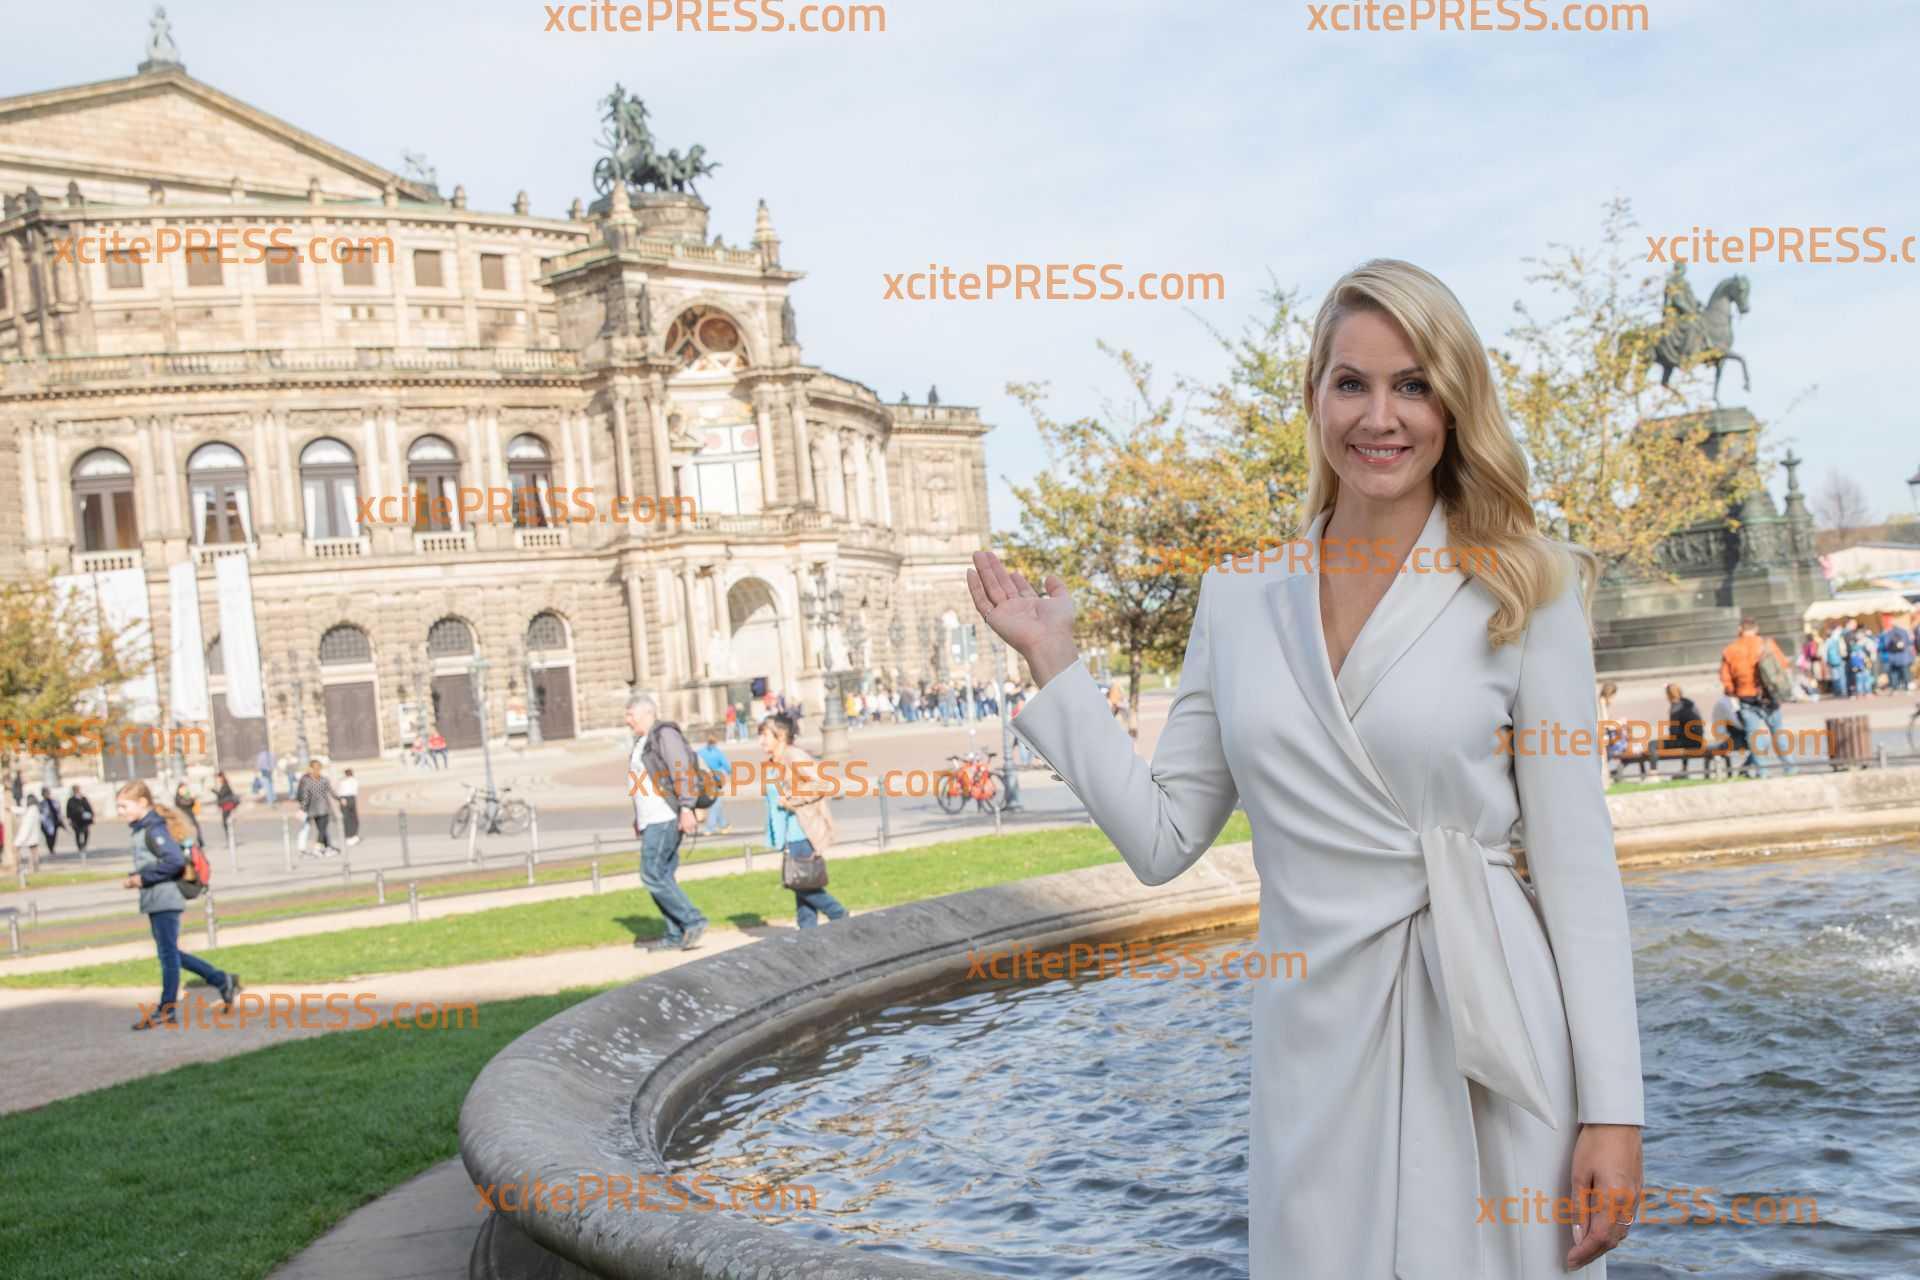 SemperOpernBall 2020: Judith Rakers wird neue Moderatorin an Seite von Roland Kaiser: Rakers löst Sylvie Meis ab